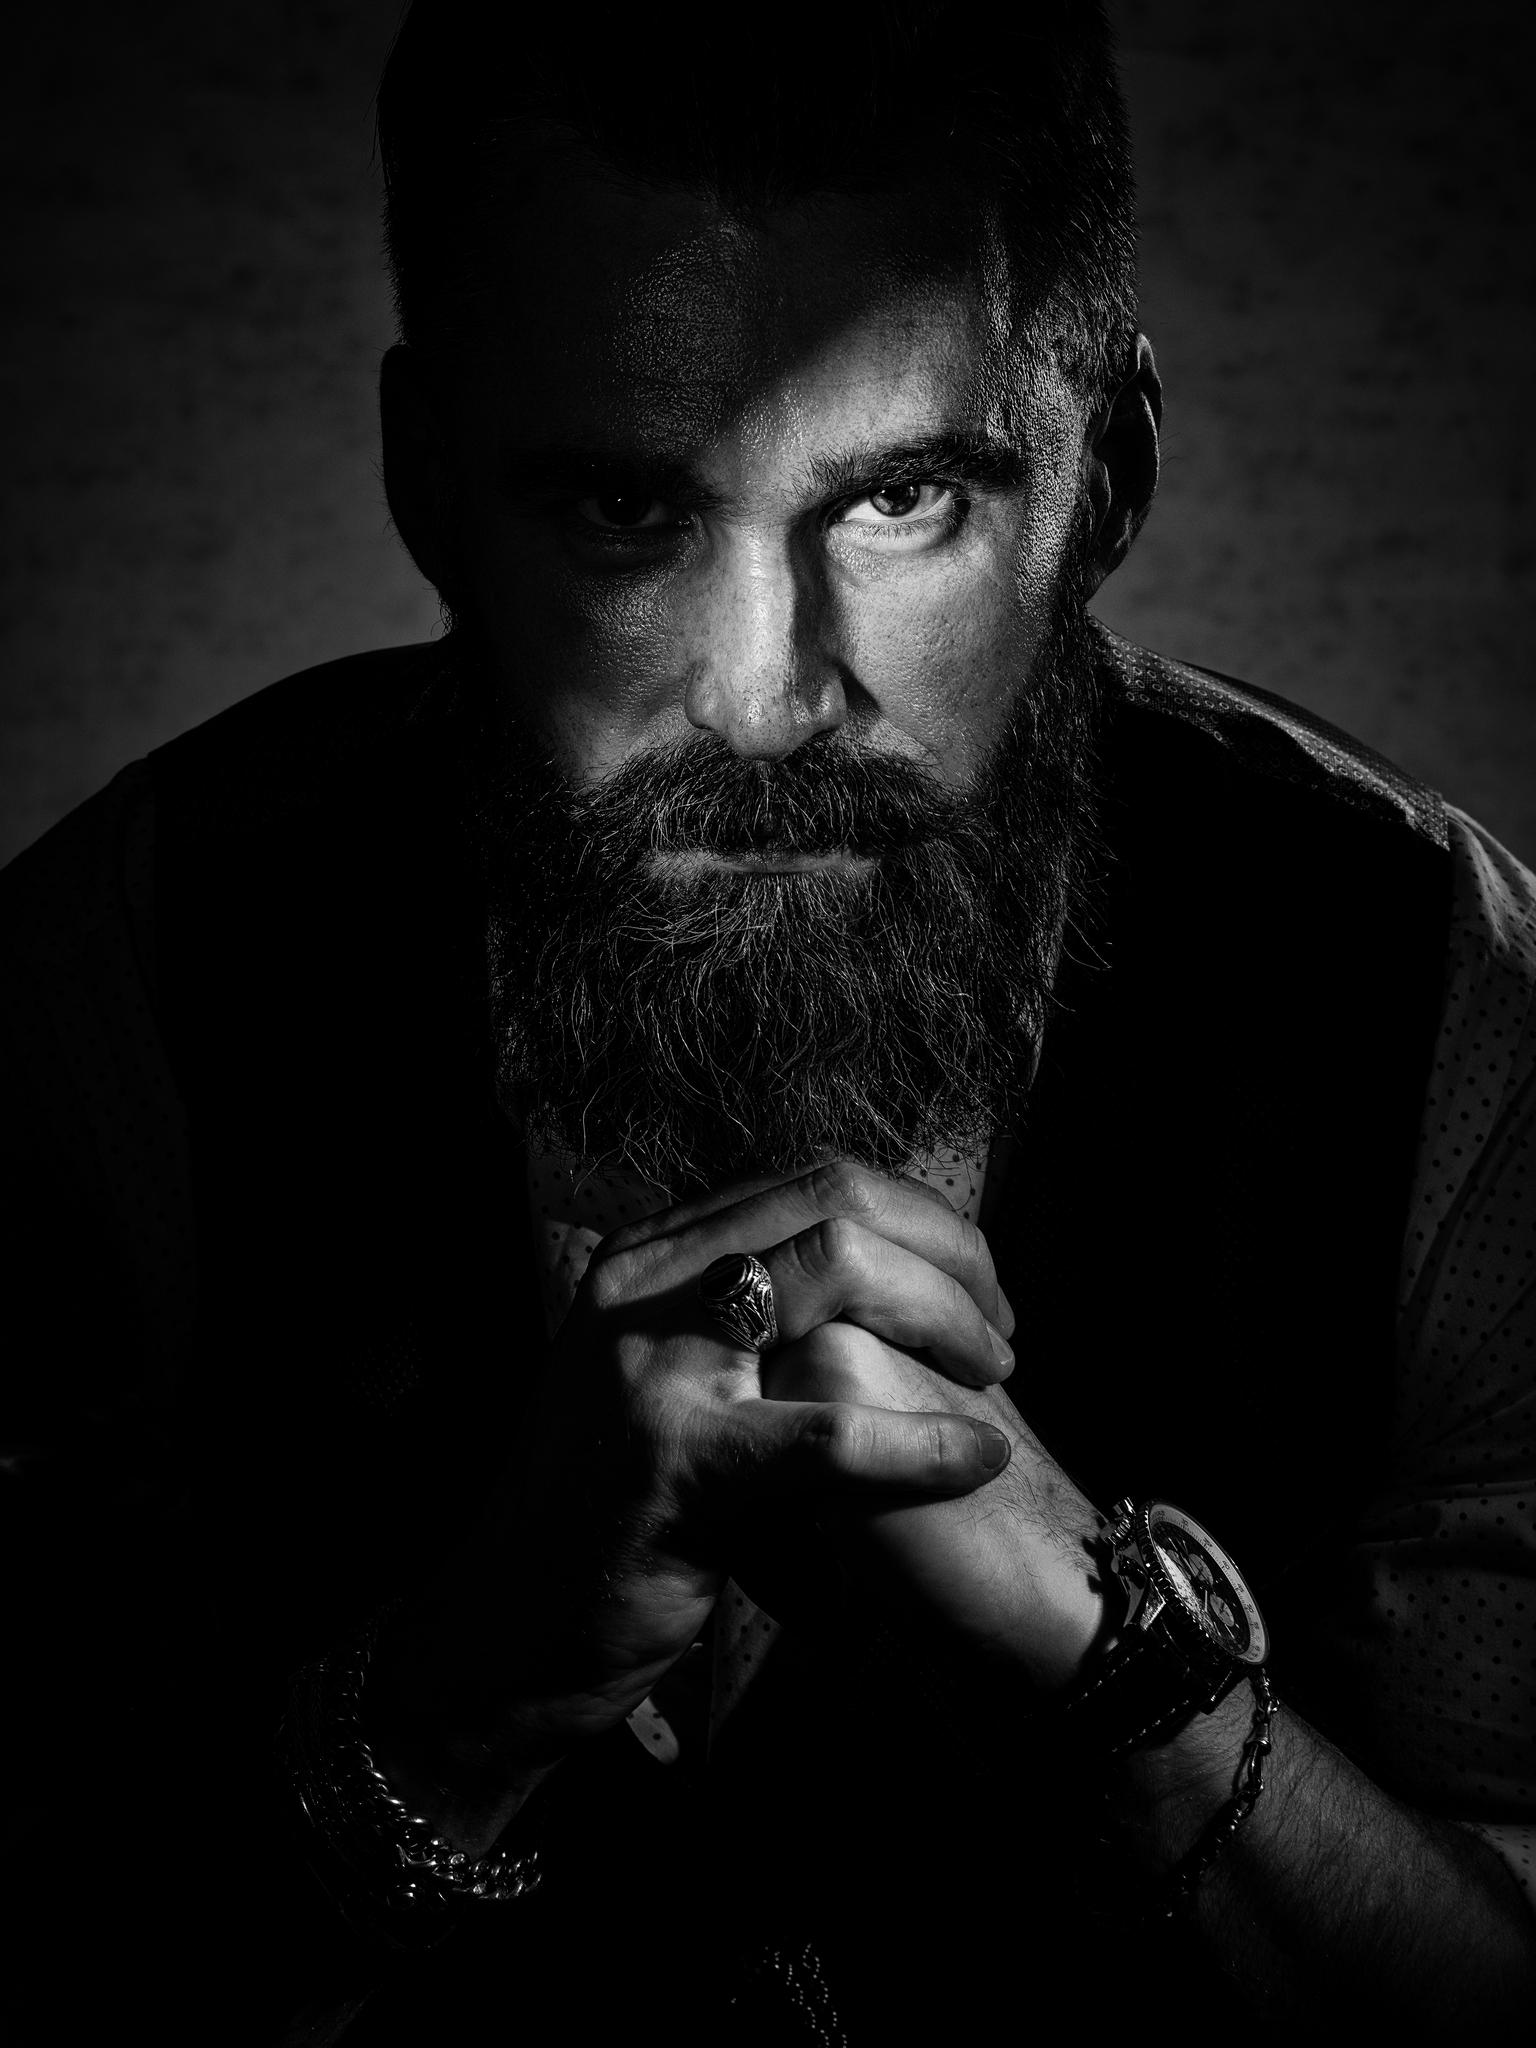 5. Matt Jacob, Portrait